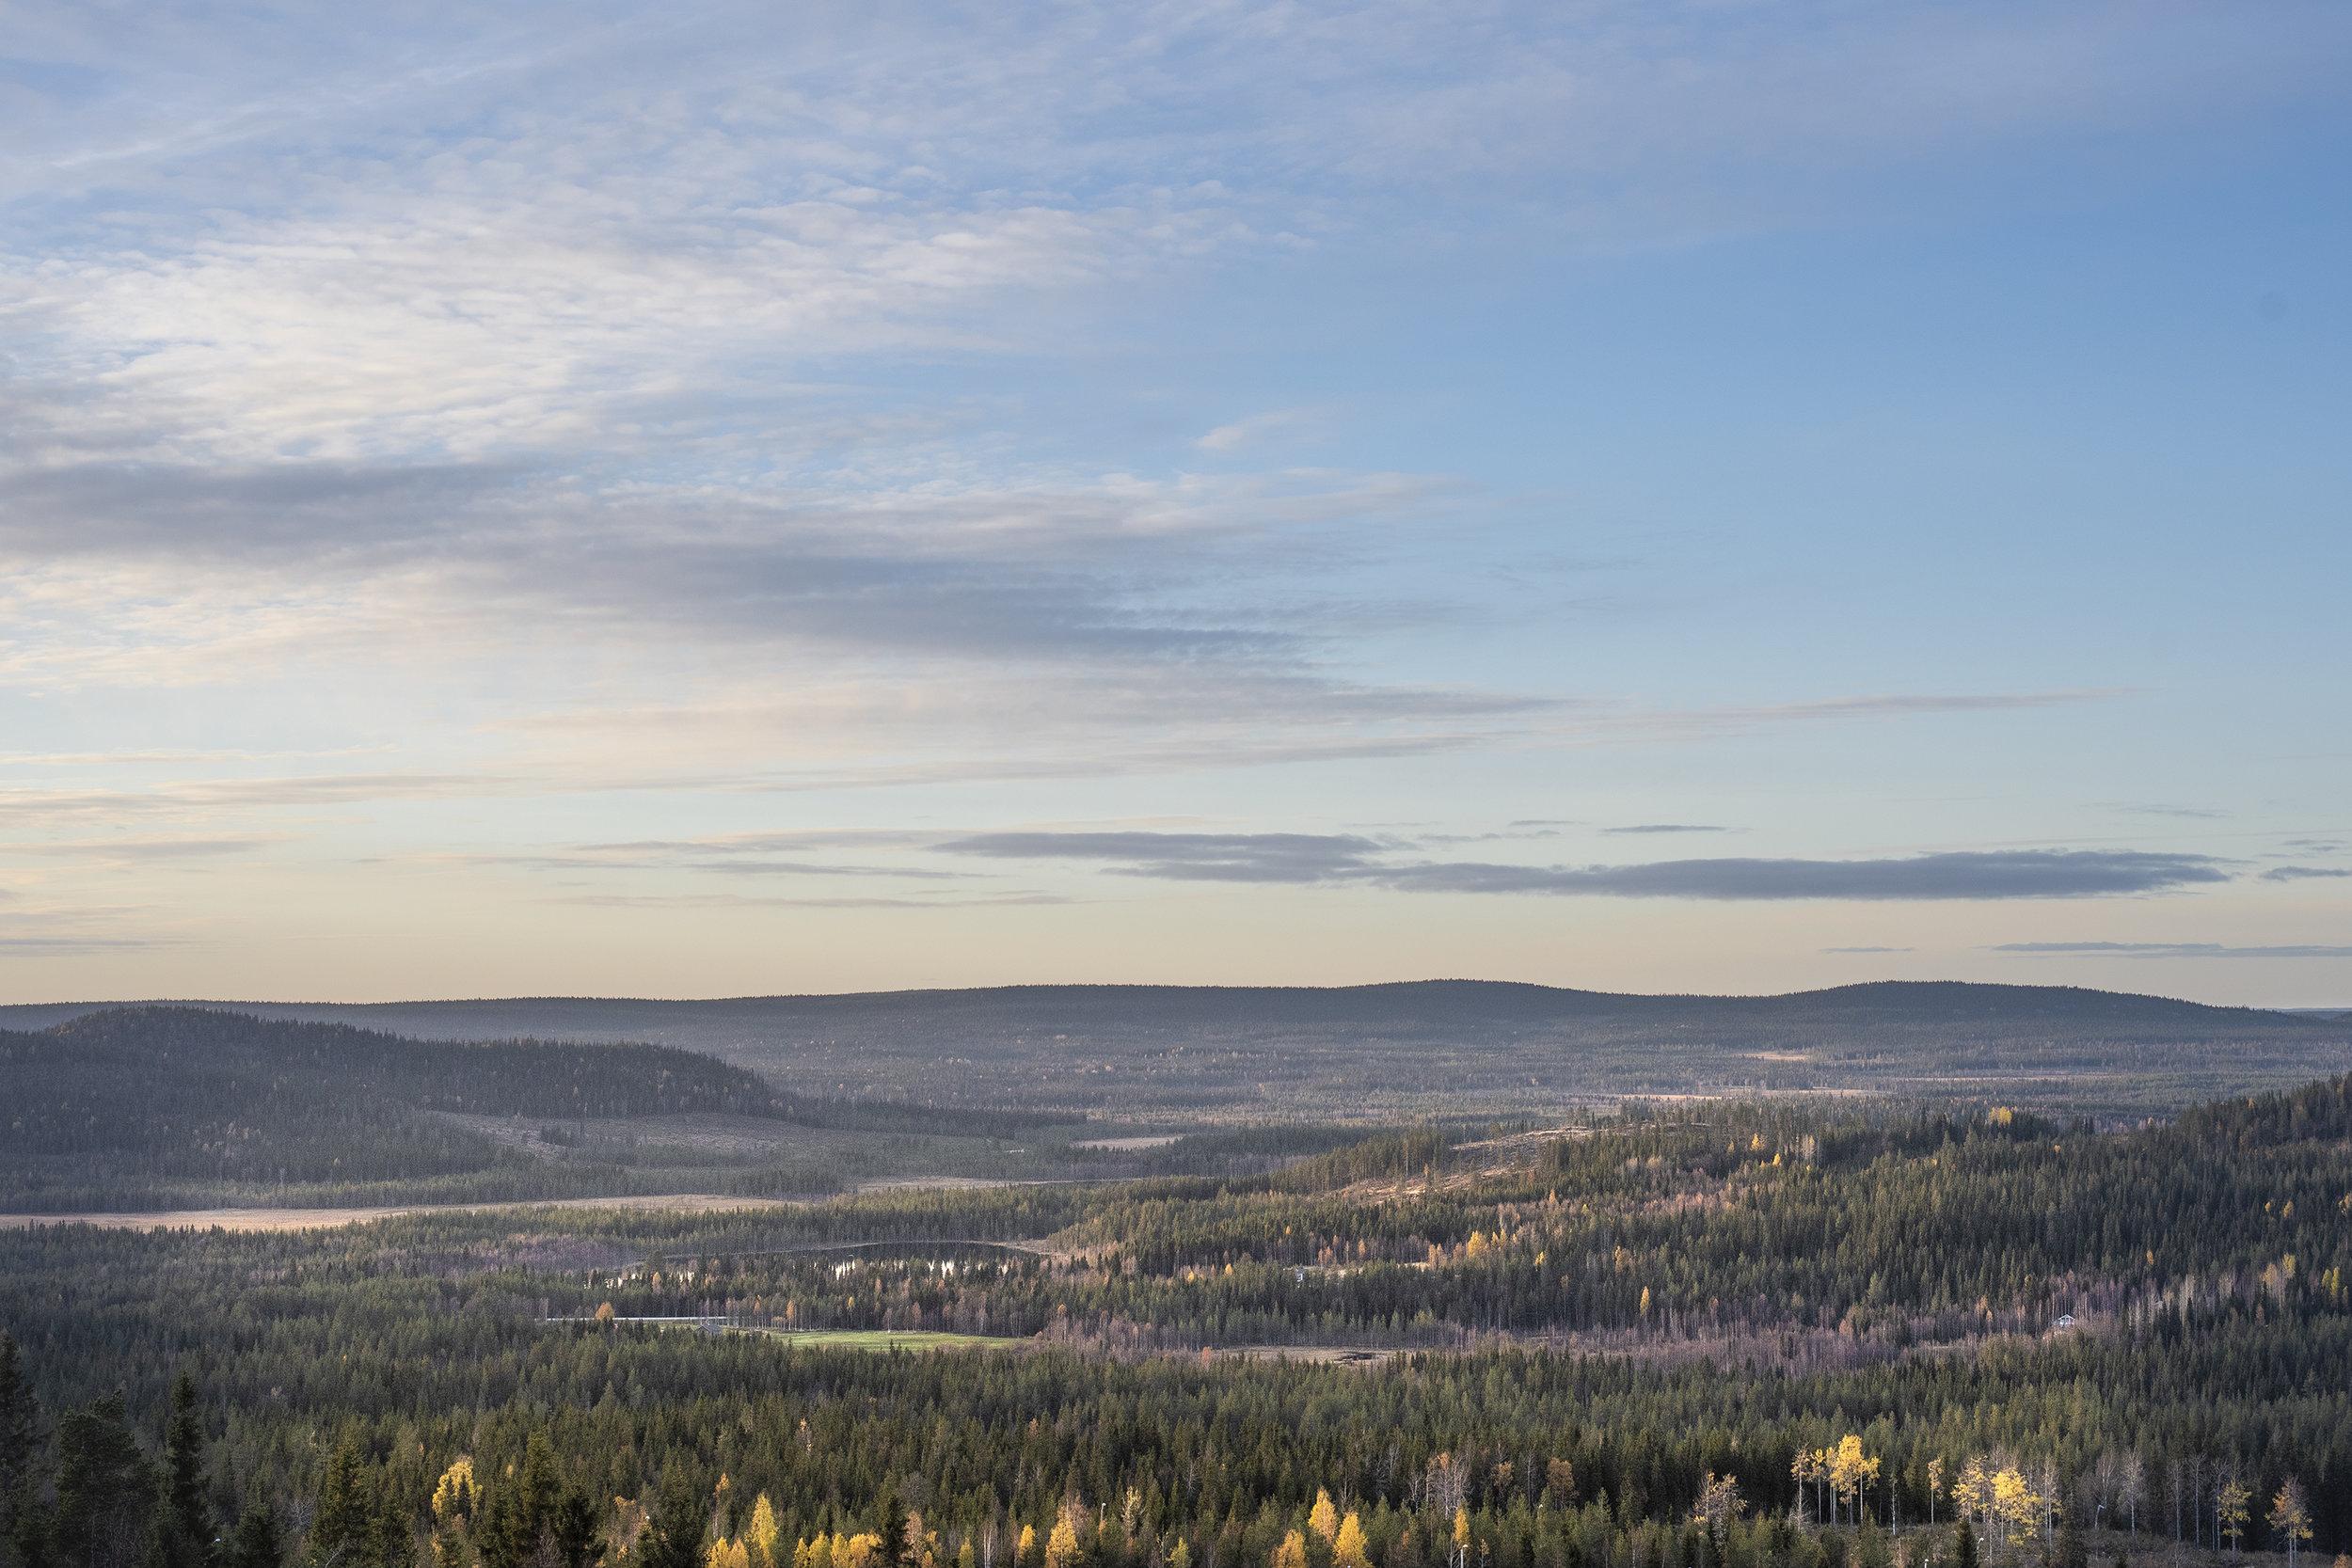 Vilma-Issakainen_46A.jpg